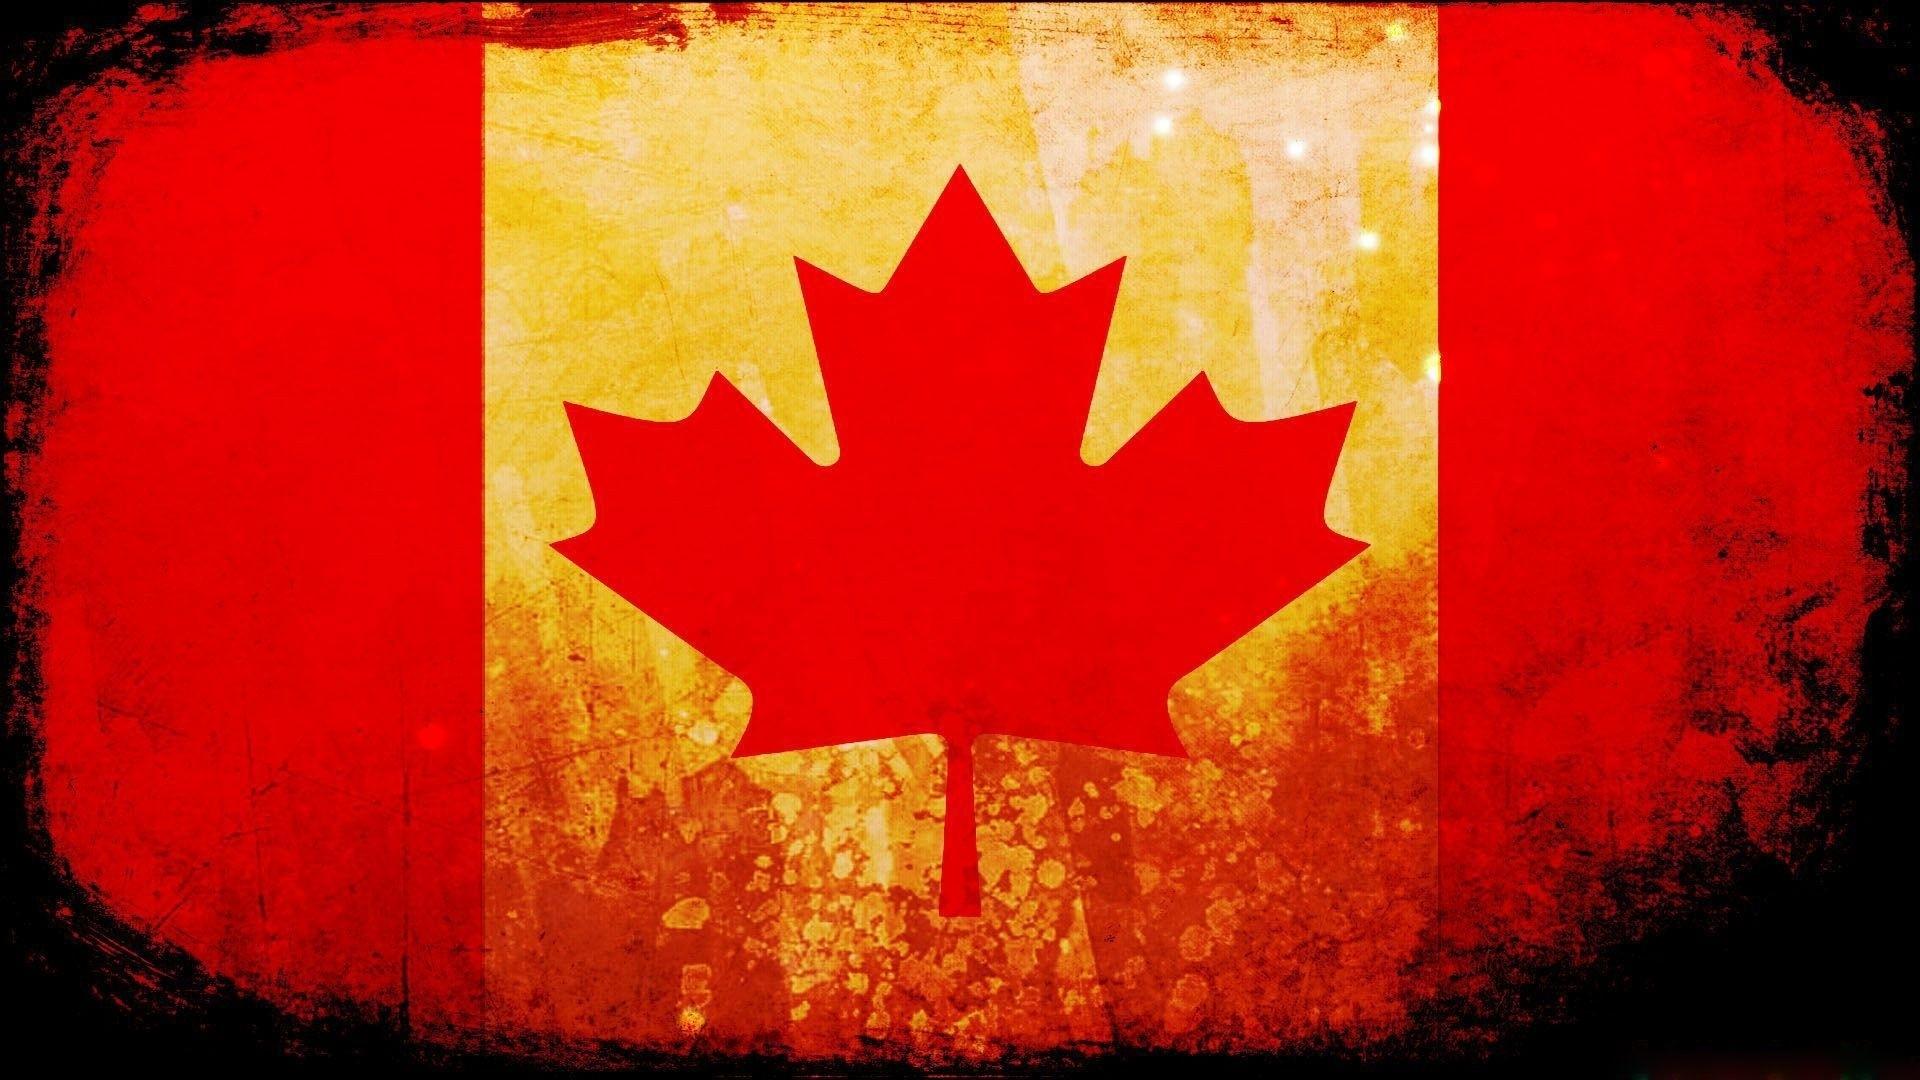 Canada Flag Wallpaper 1920x1080